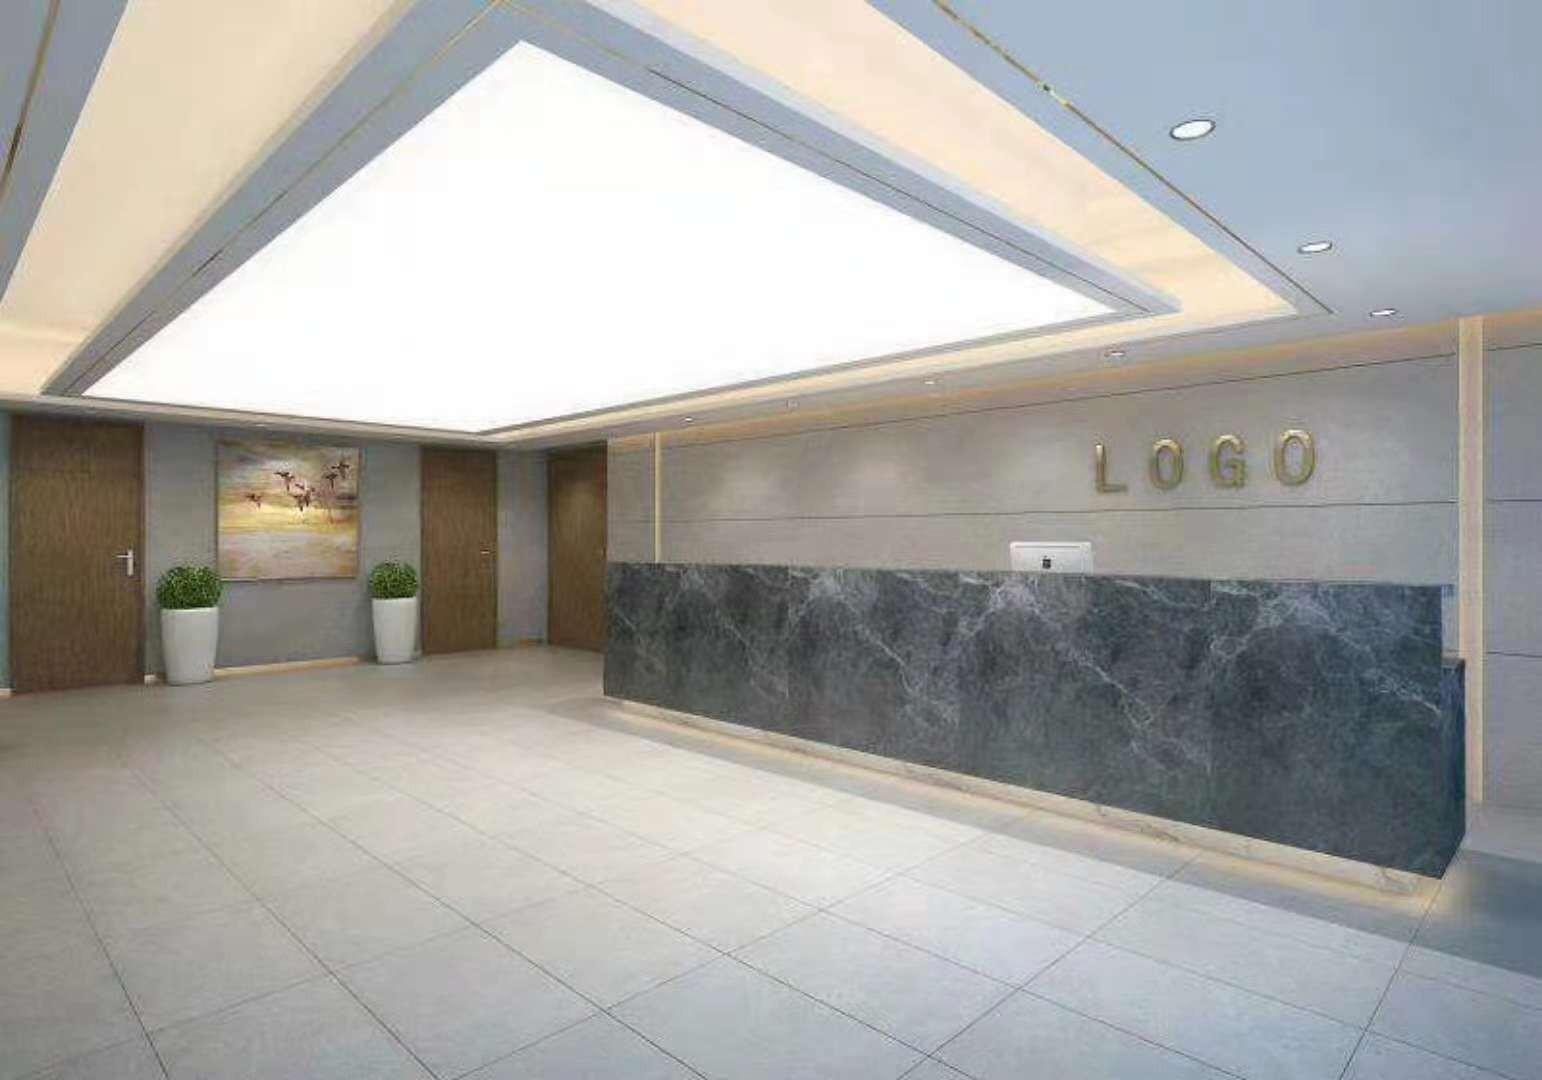 哈尔滨办公家具 哈尔滨办公设备如何挑选-哈尔滨全优办公家具